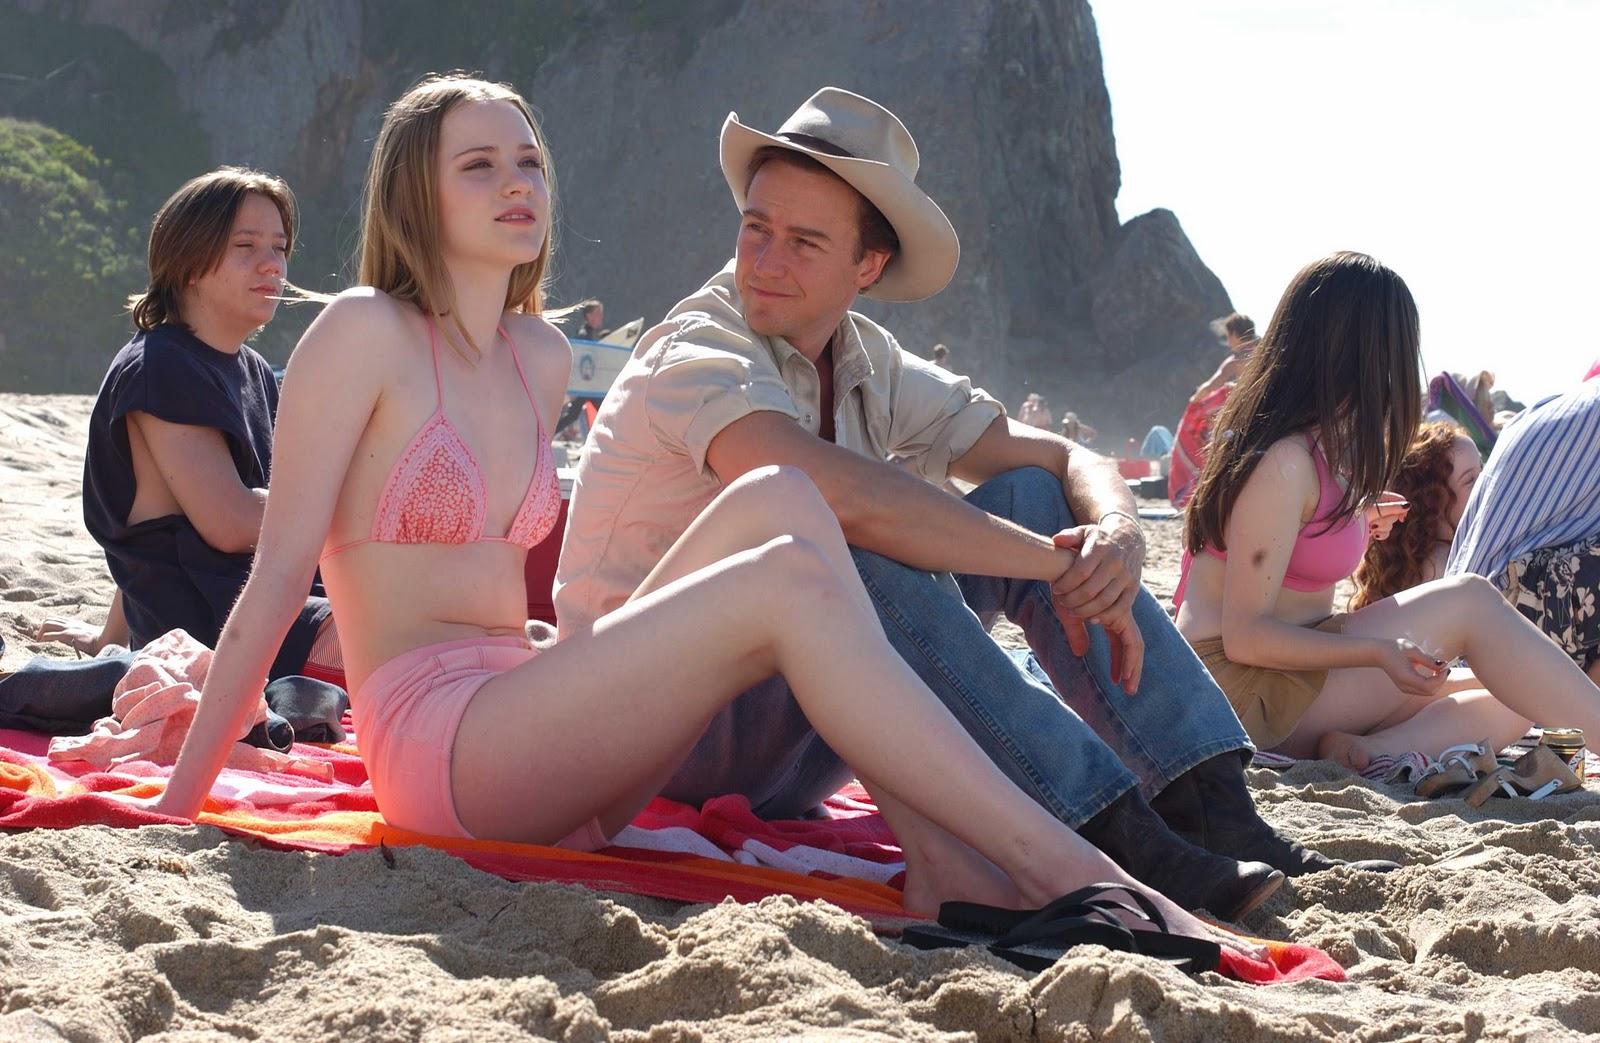 Naked white teen girls bend over